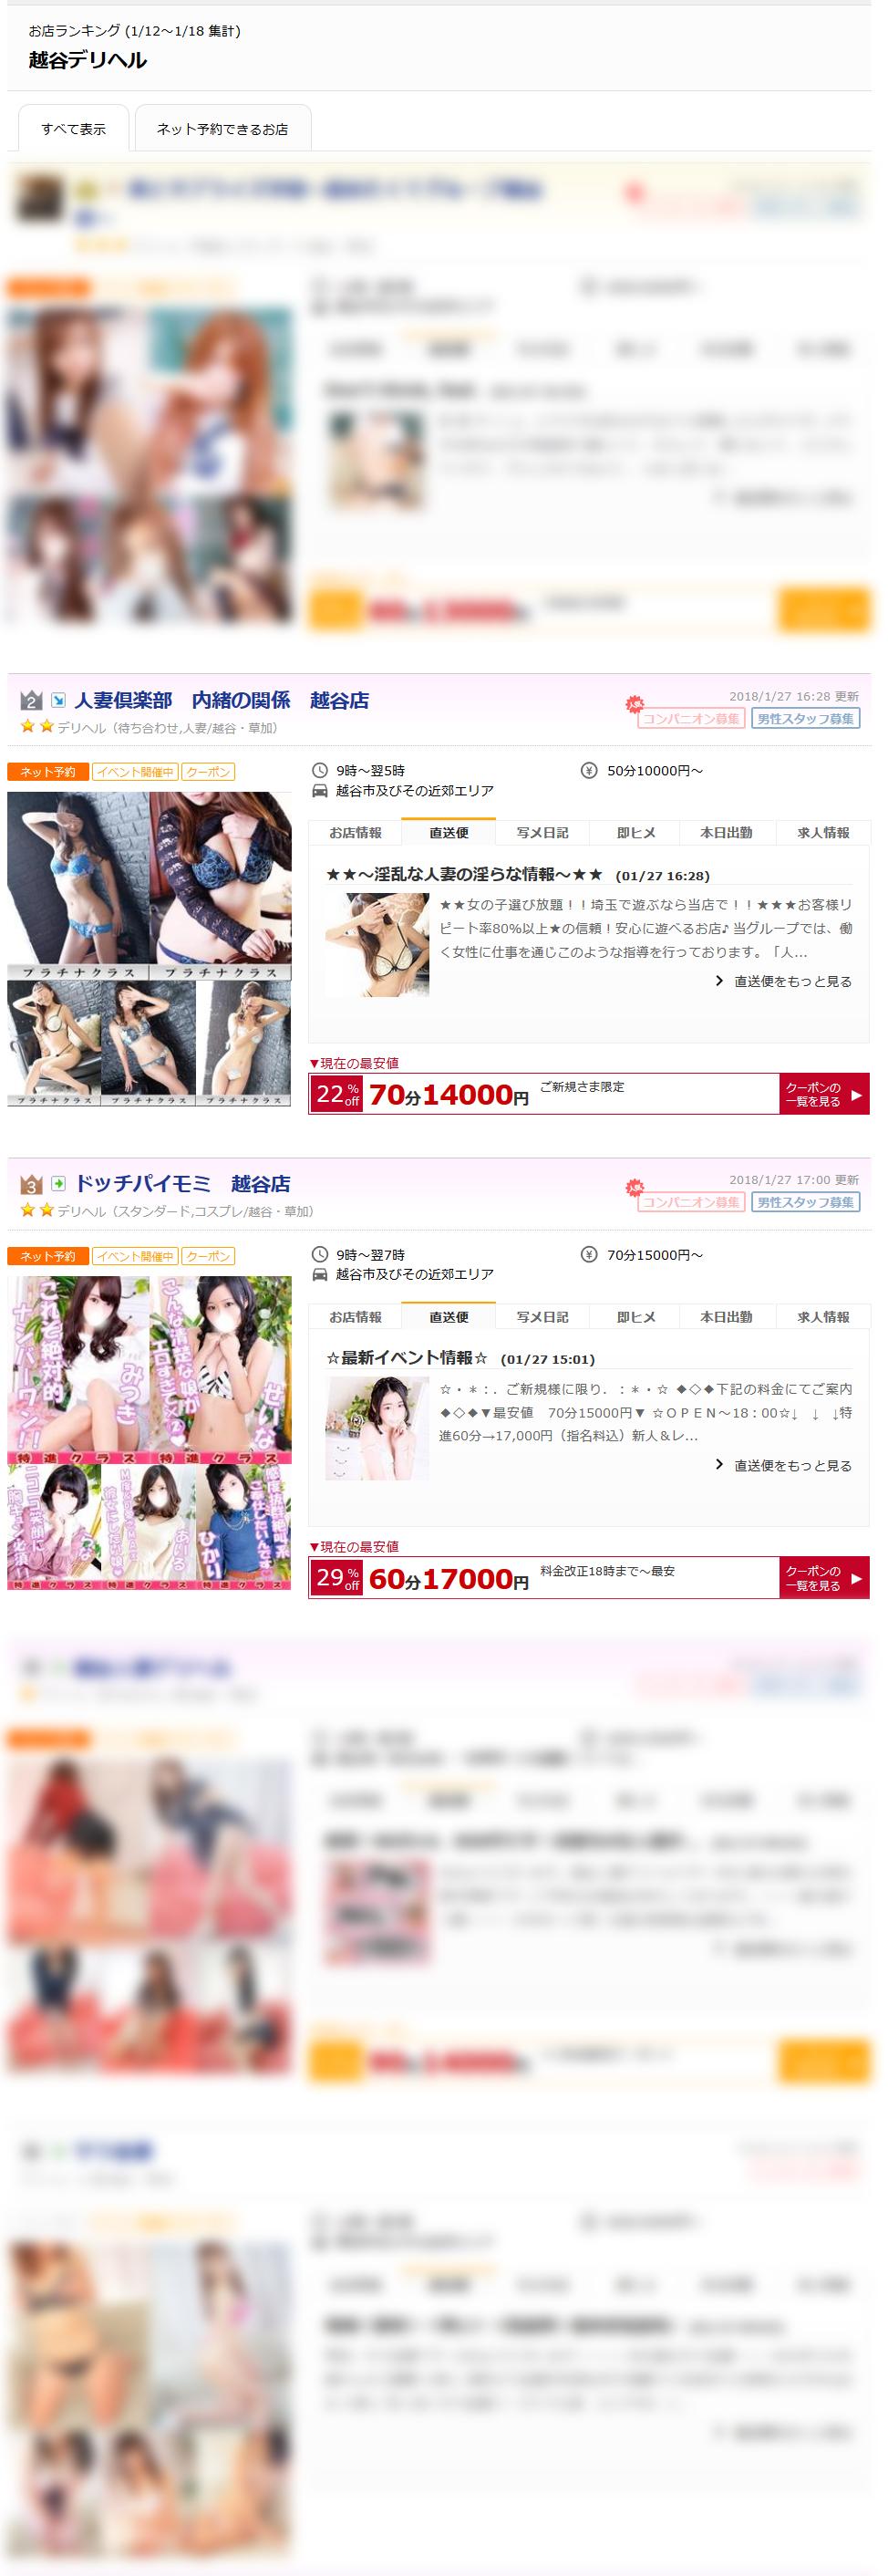 越谷デリヘルお店ランキング2018-01-22